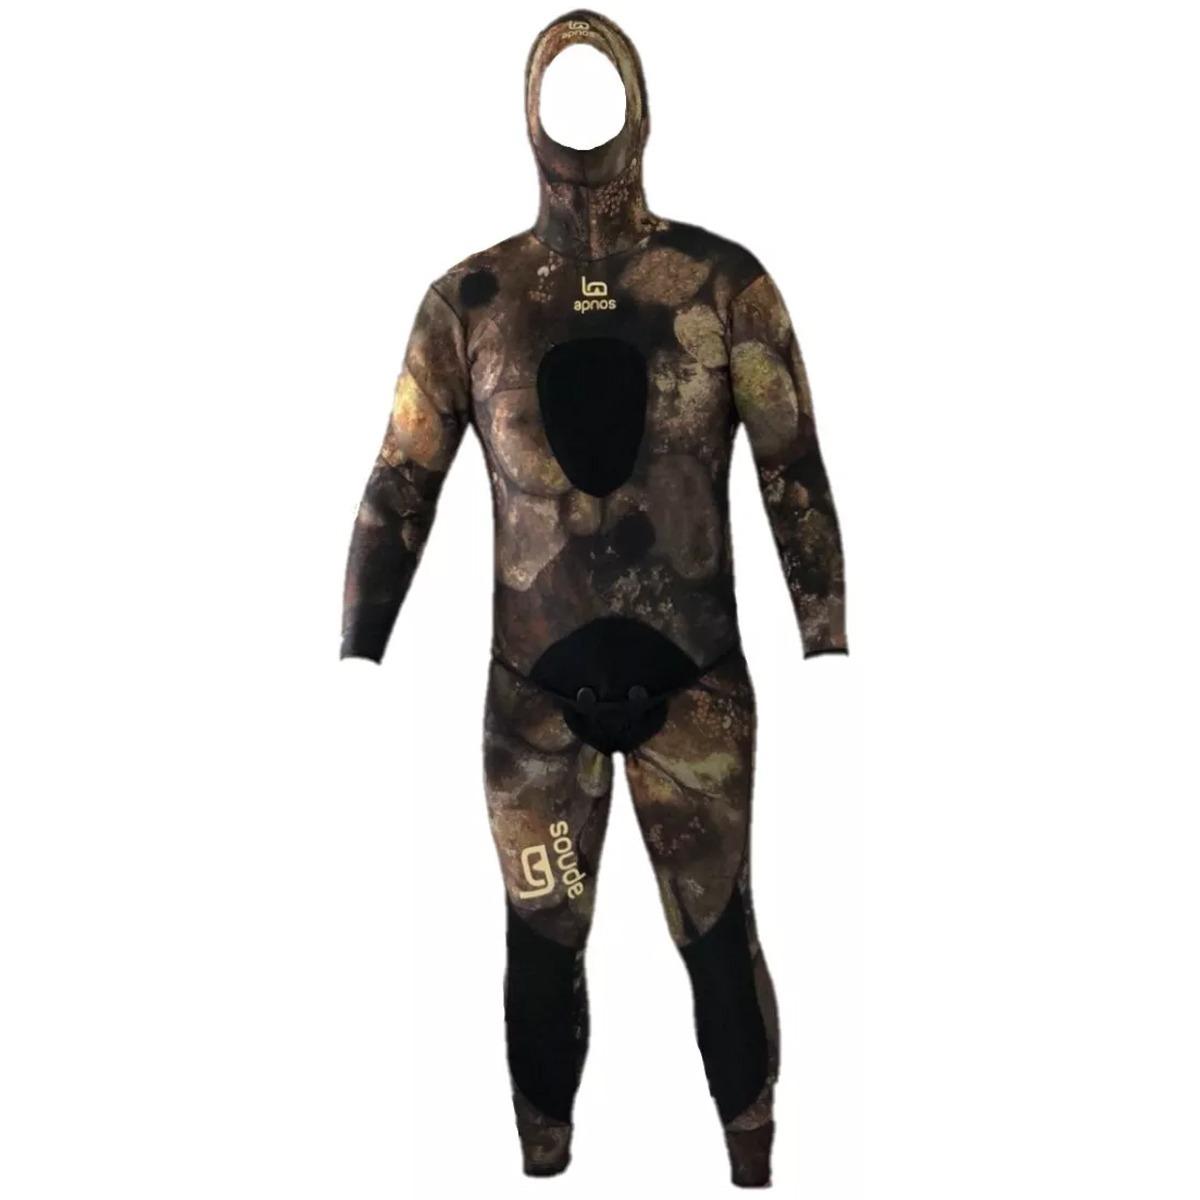 roupa de mergulho pescasub opem cell camuflada apnos 3mm 3d. Carregando  zoom. 8d39e60d4c2fb